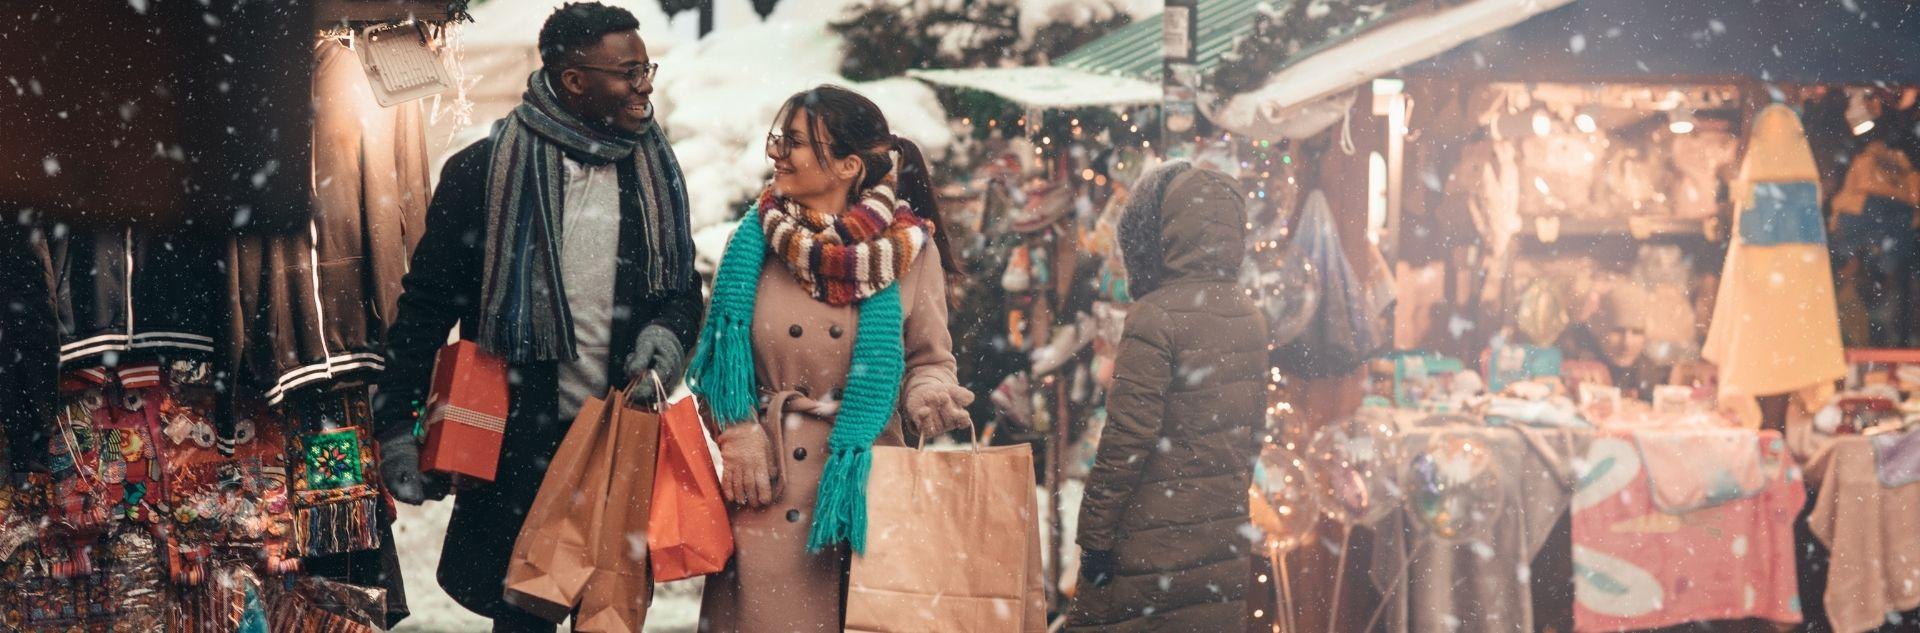 Weihnachtsshopping Paar